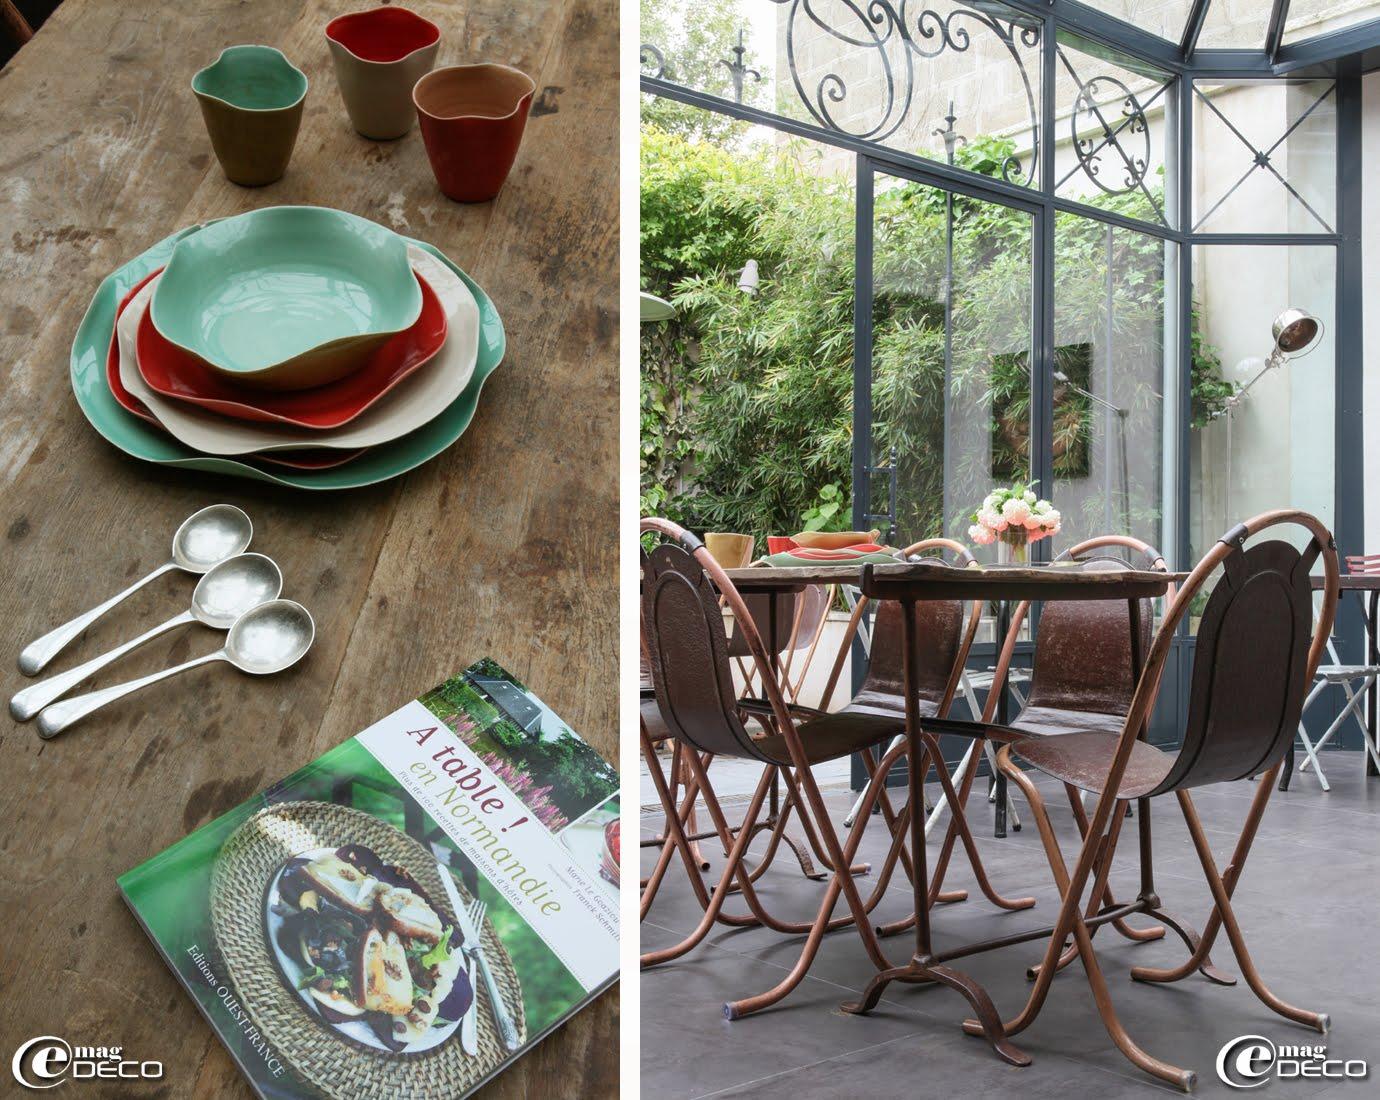 Vaisselle 'Saga' réalisée par Sandrine Ganem et livre 'A table ! en Normandie' de Marie Le Goaziou et Franck Schmitt